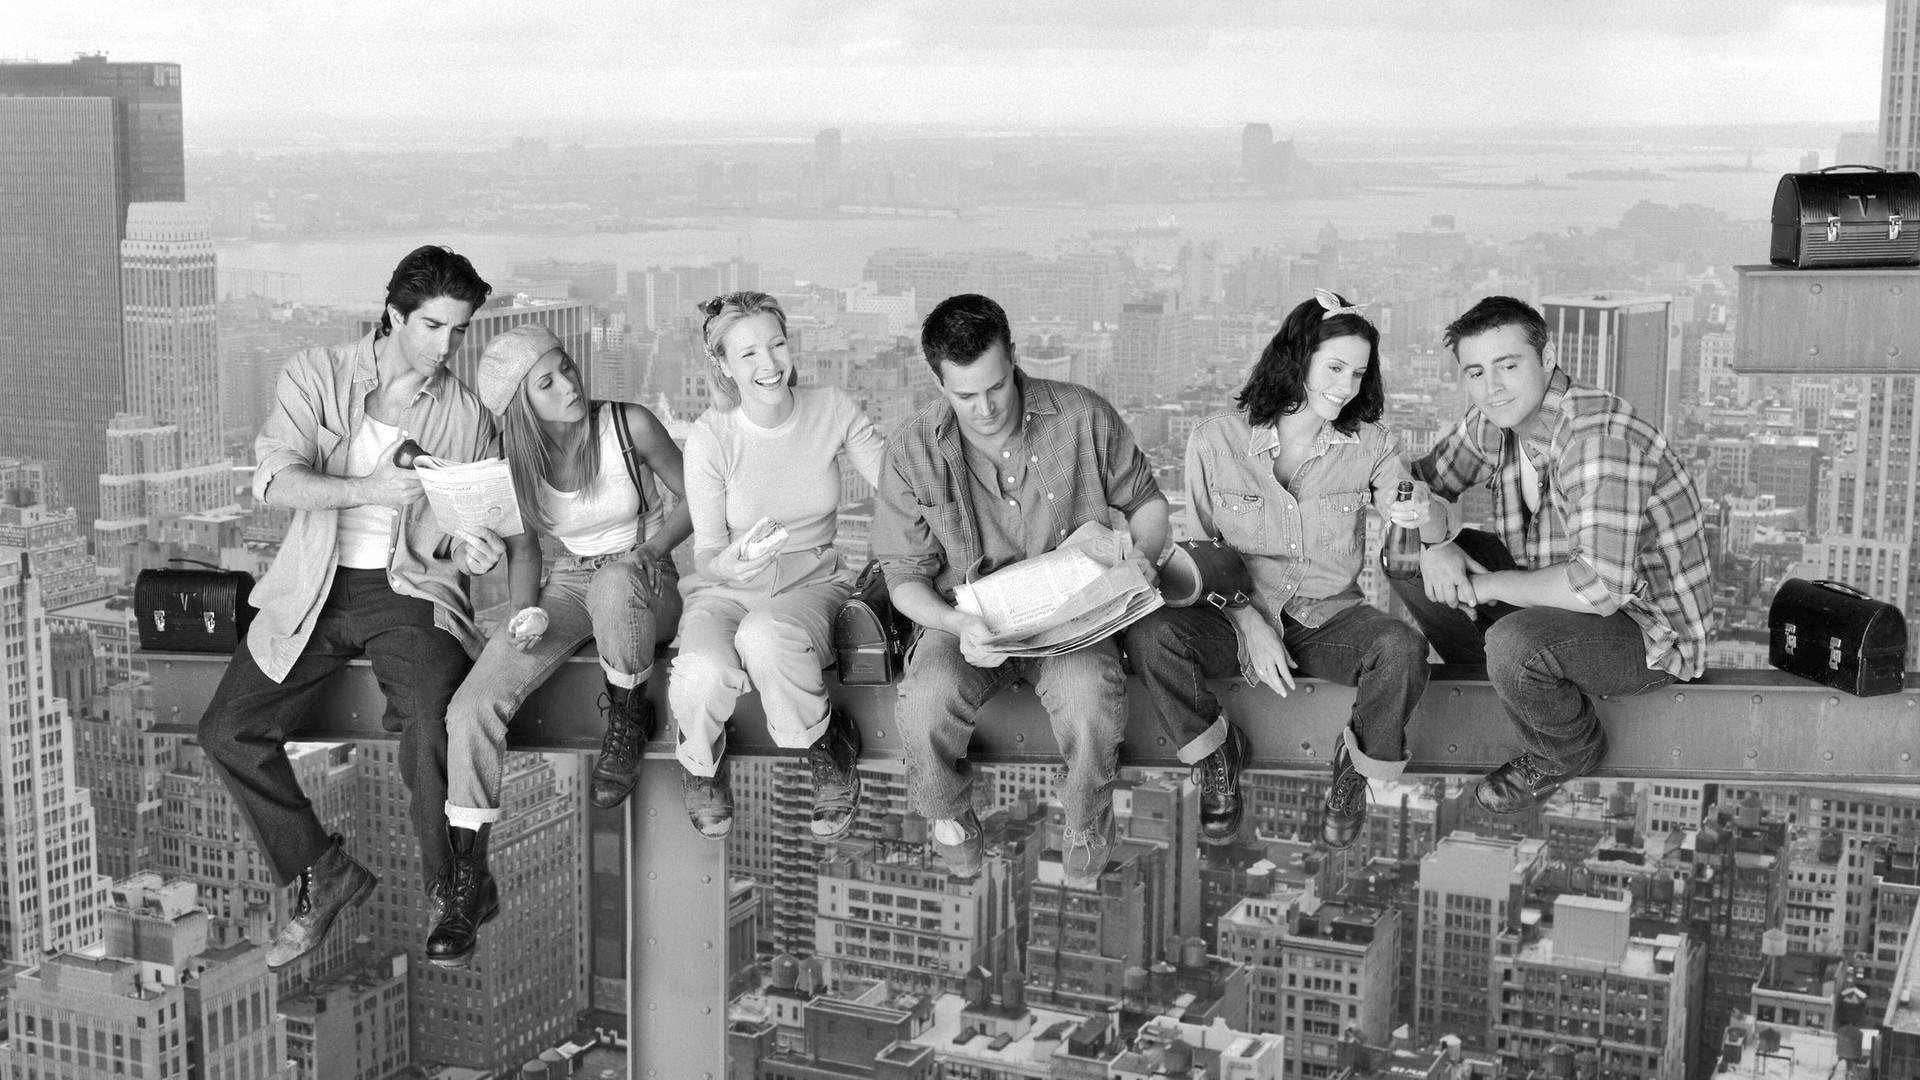 Wallpaper : people, street, road, Chandler Bing, Friends TV series